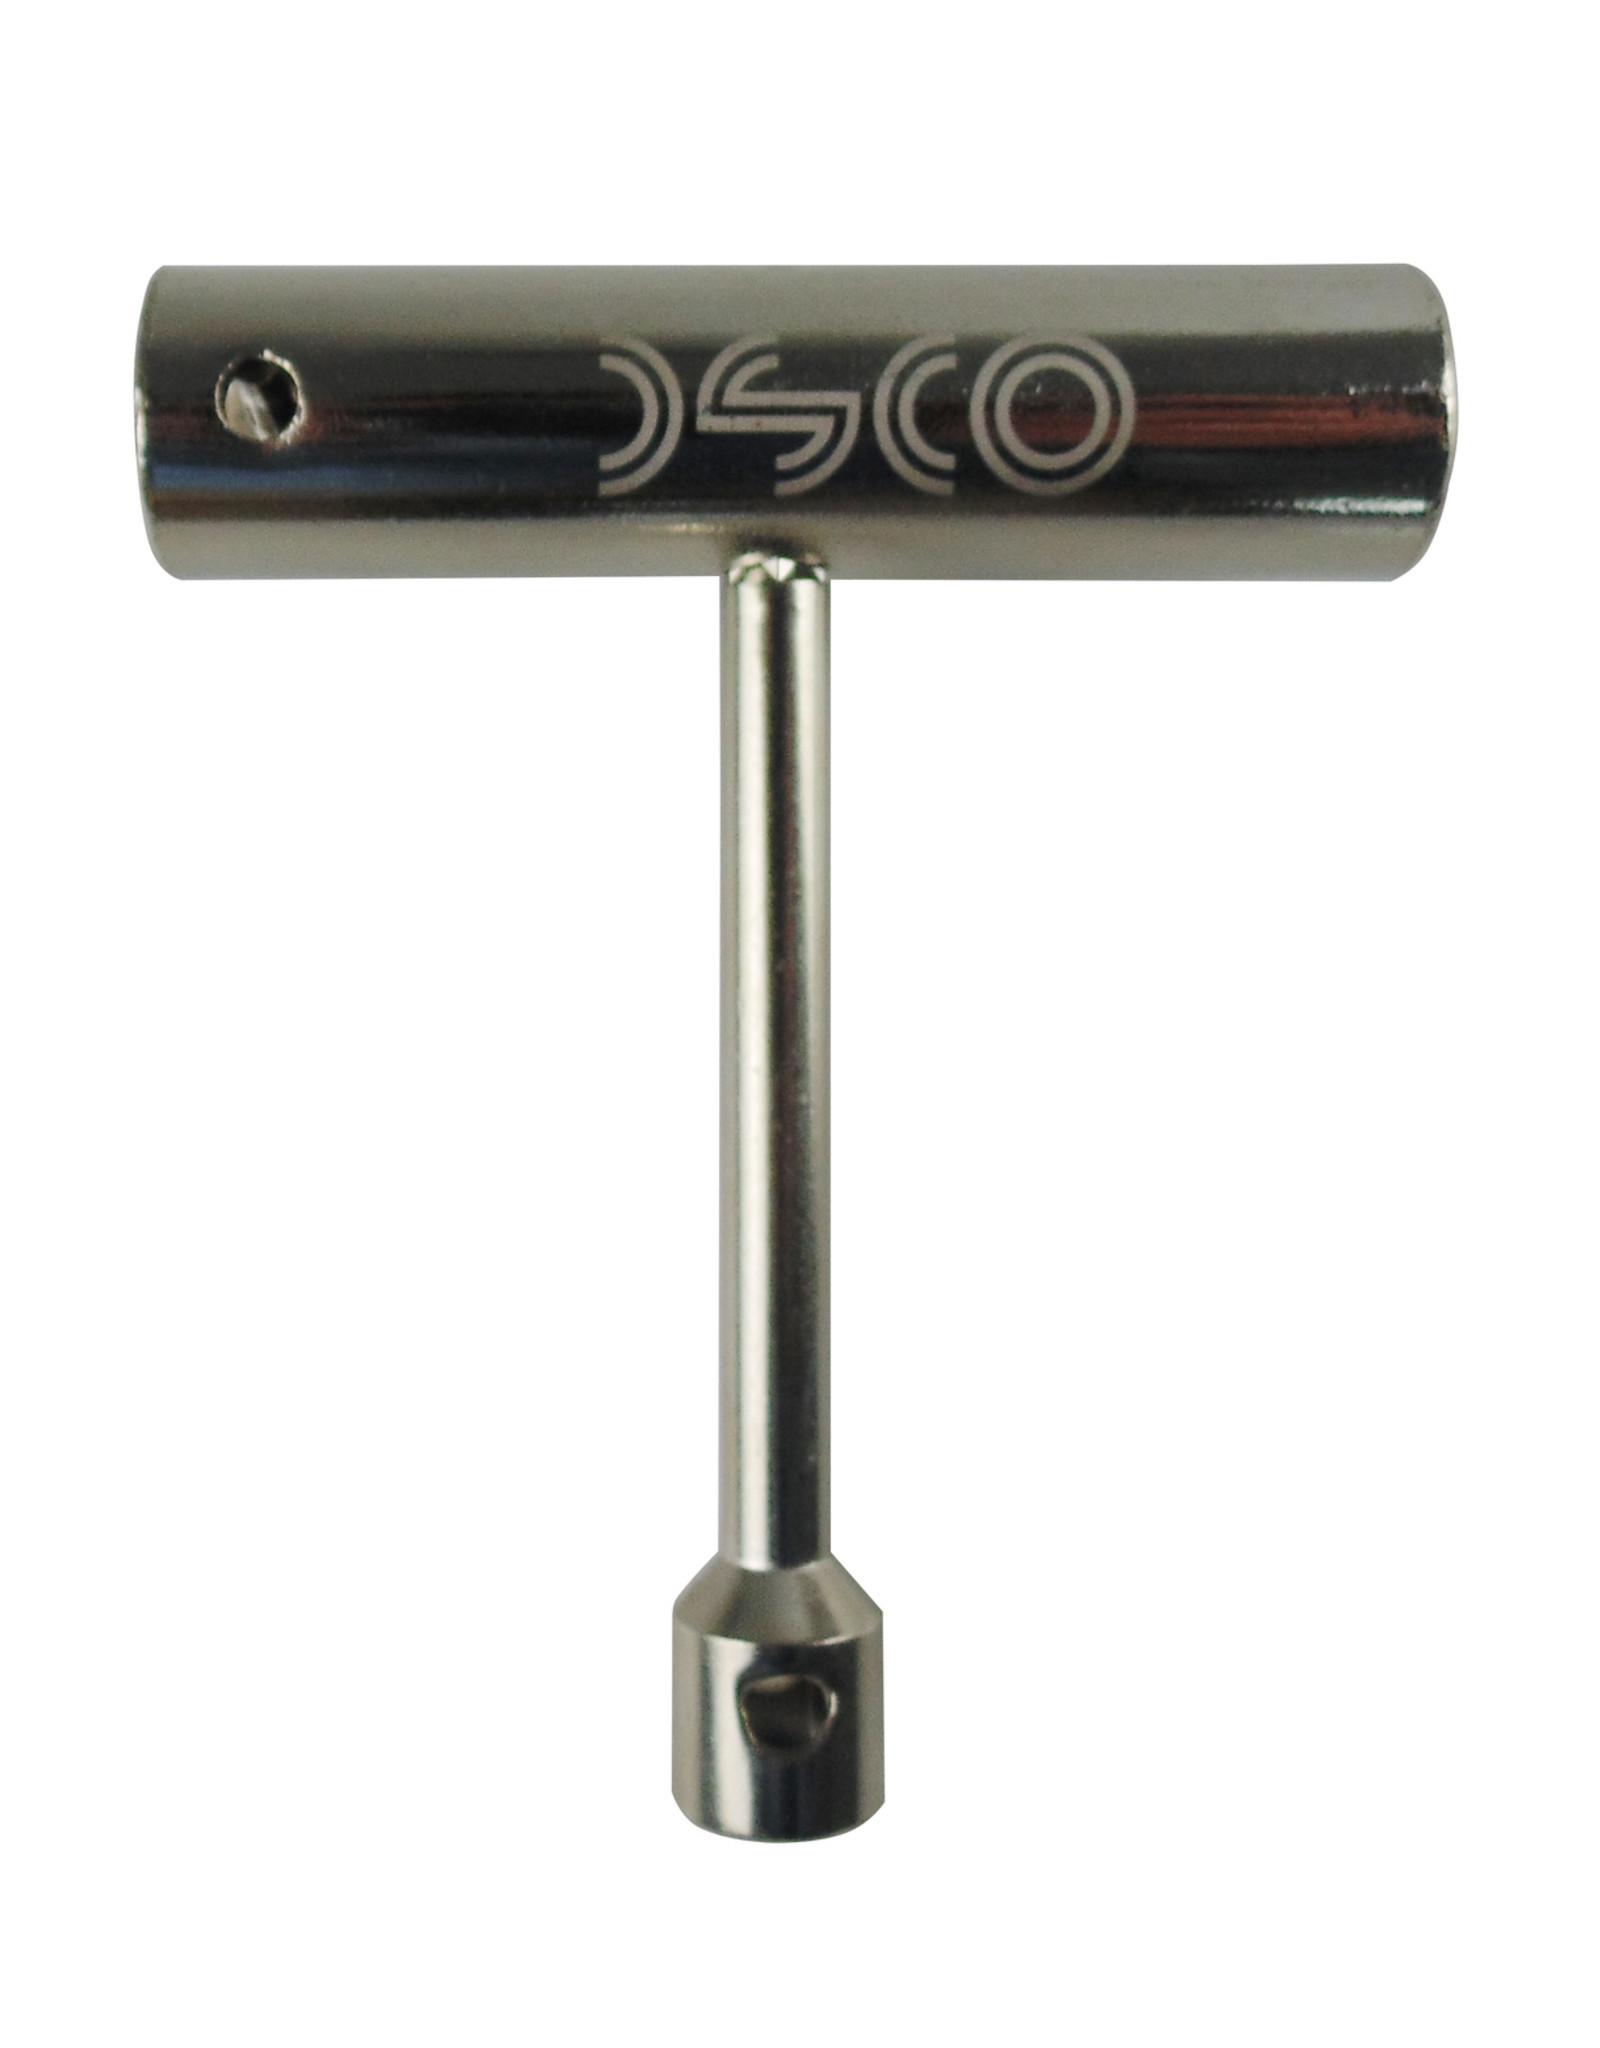 DSCO Bearings DSCO SMART TOOL